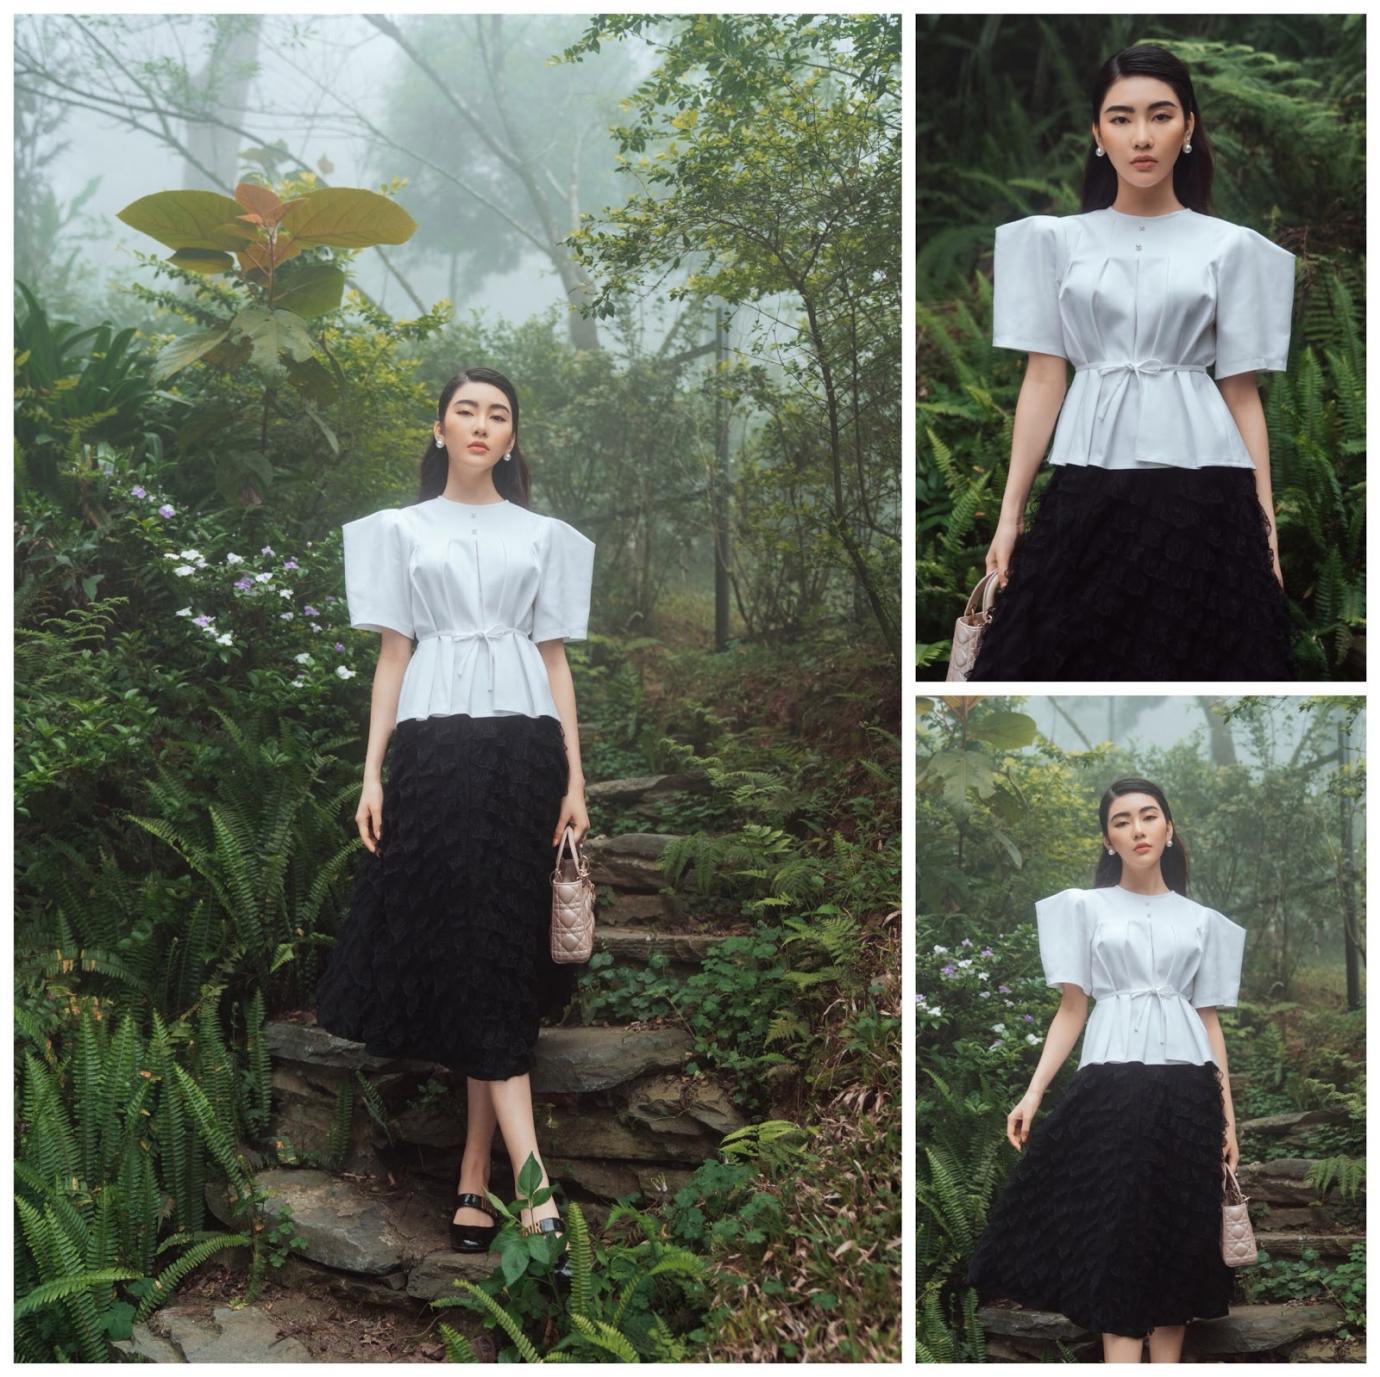 Leenaa clothing gợi ý 7 outfit xuân-hè ngọt ngào tươi mới gây sốt trong năm nay - Ảnh 7.